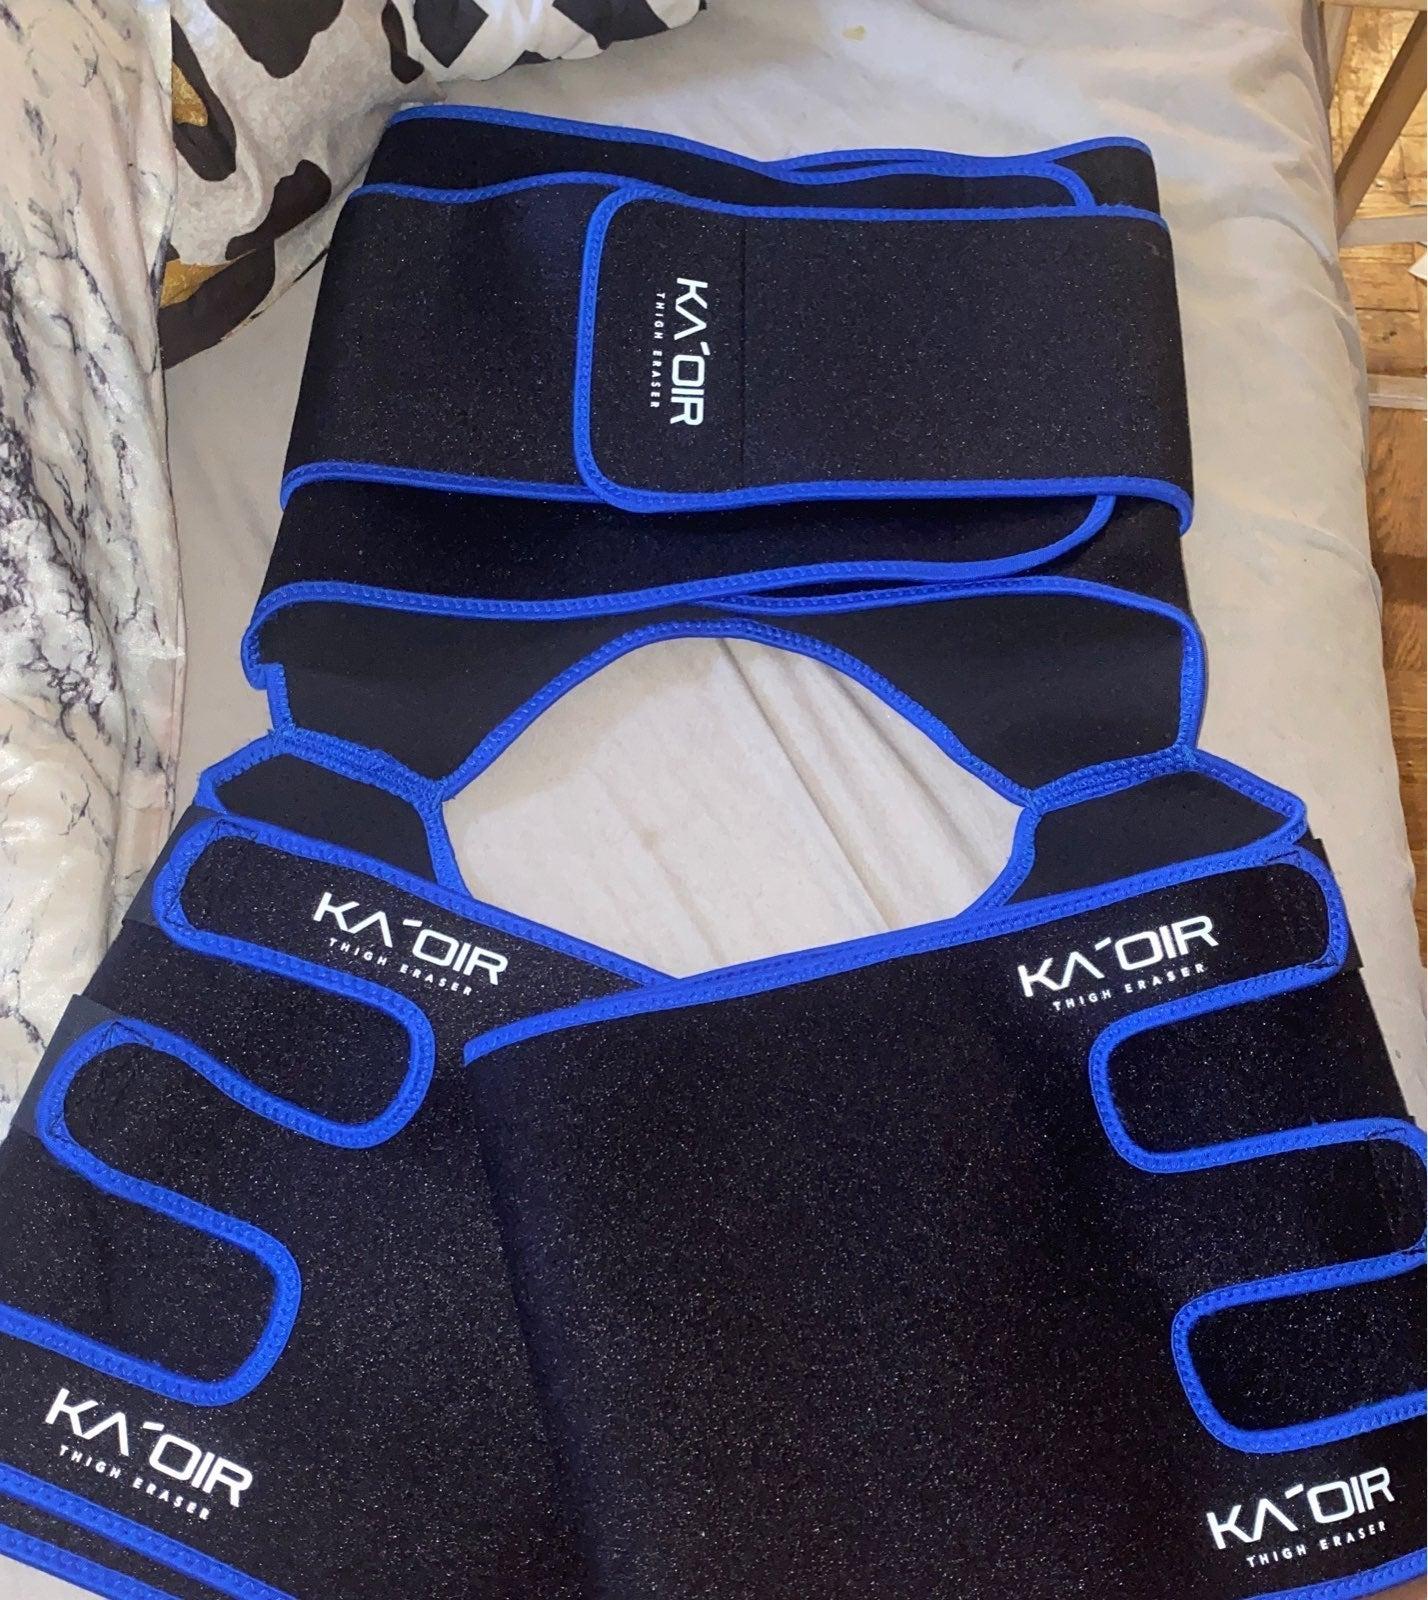 Kaoir NEW combo waist eraser/ thigh butt